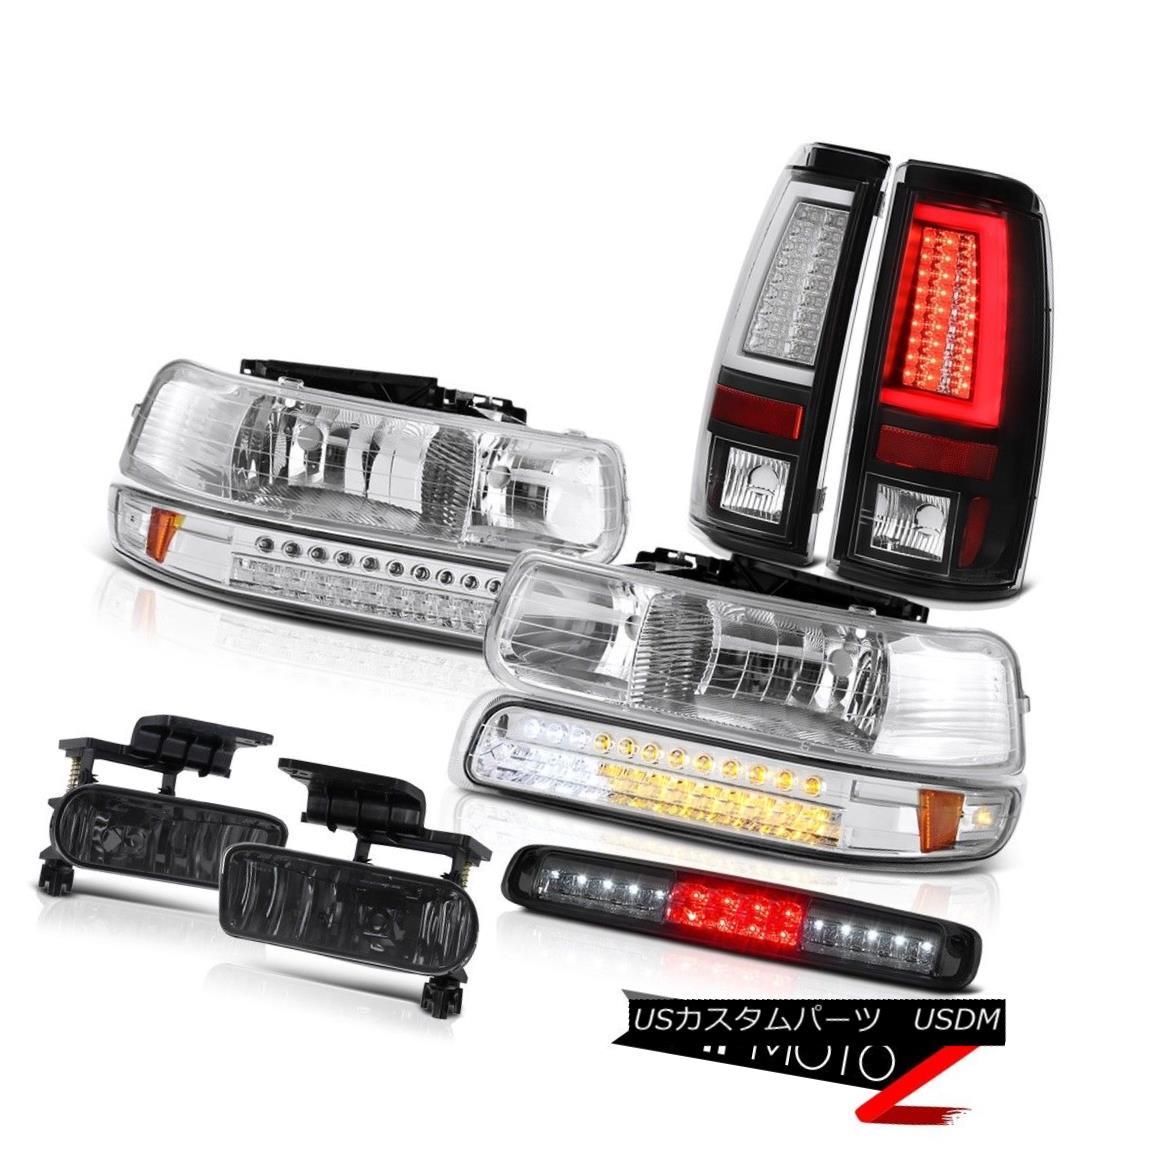 テールライト 99-02 Silverado LTZ Rear Brake Lights 3rd Light Headlights Fog Lamps OE Style 99-02 Silverado LTZリアブレーキライト3rdライトヘッドライトフォグランプOEスタイル